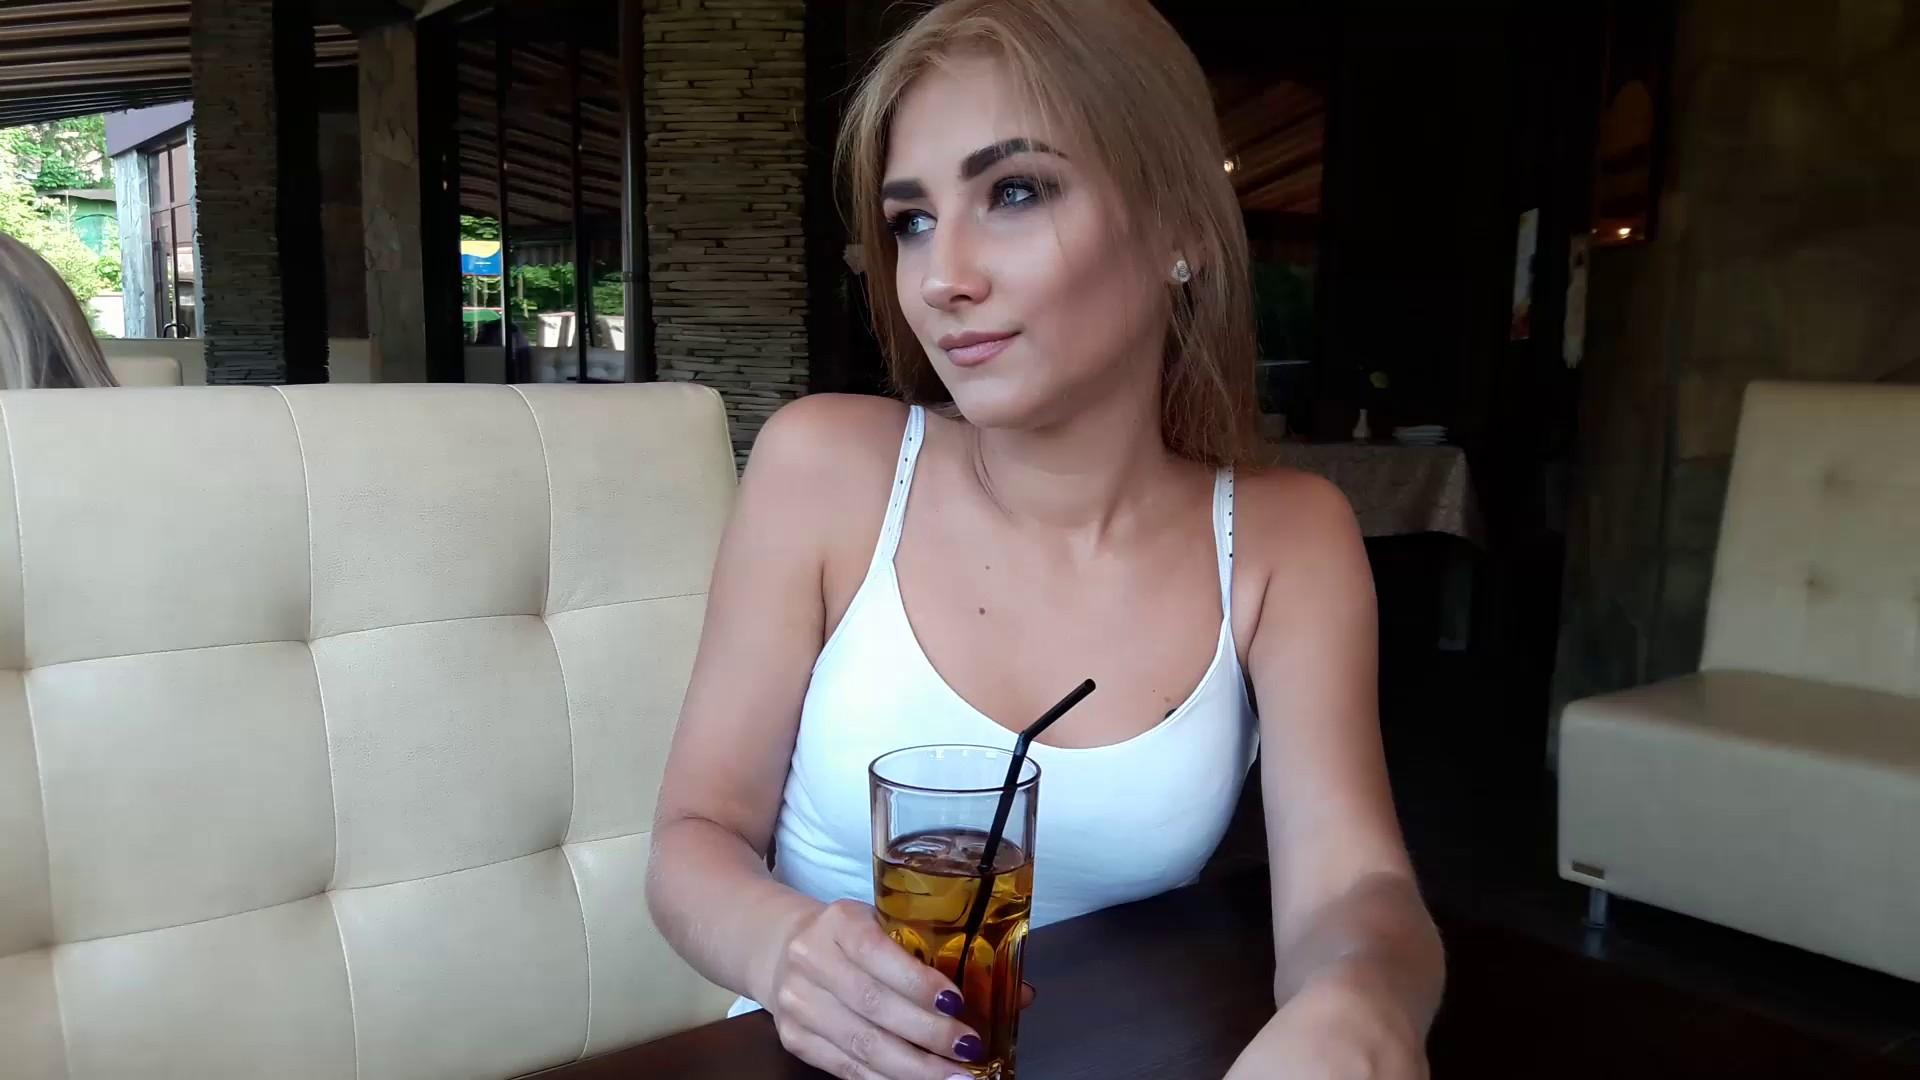 Male desperation pee girlfriend